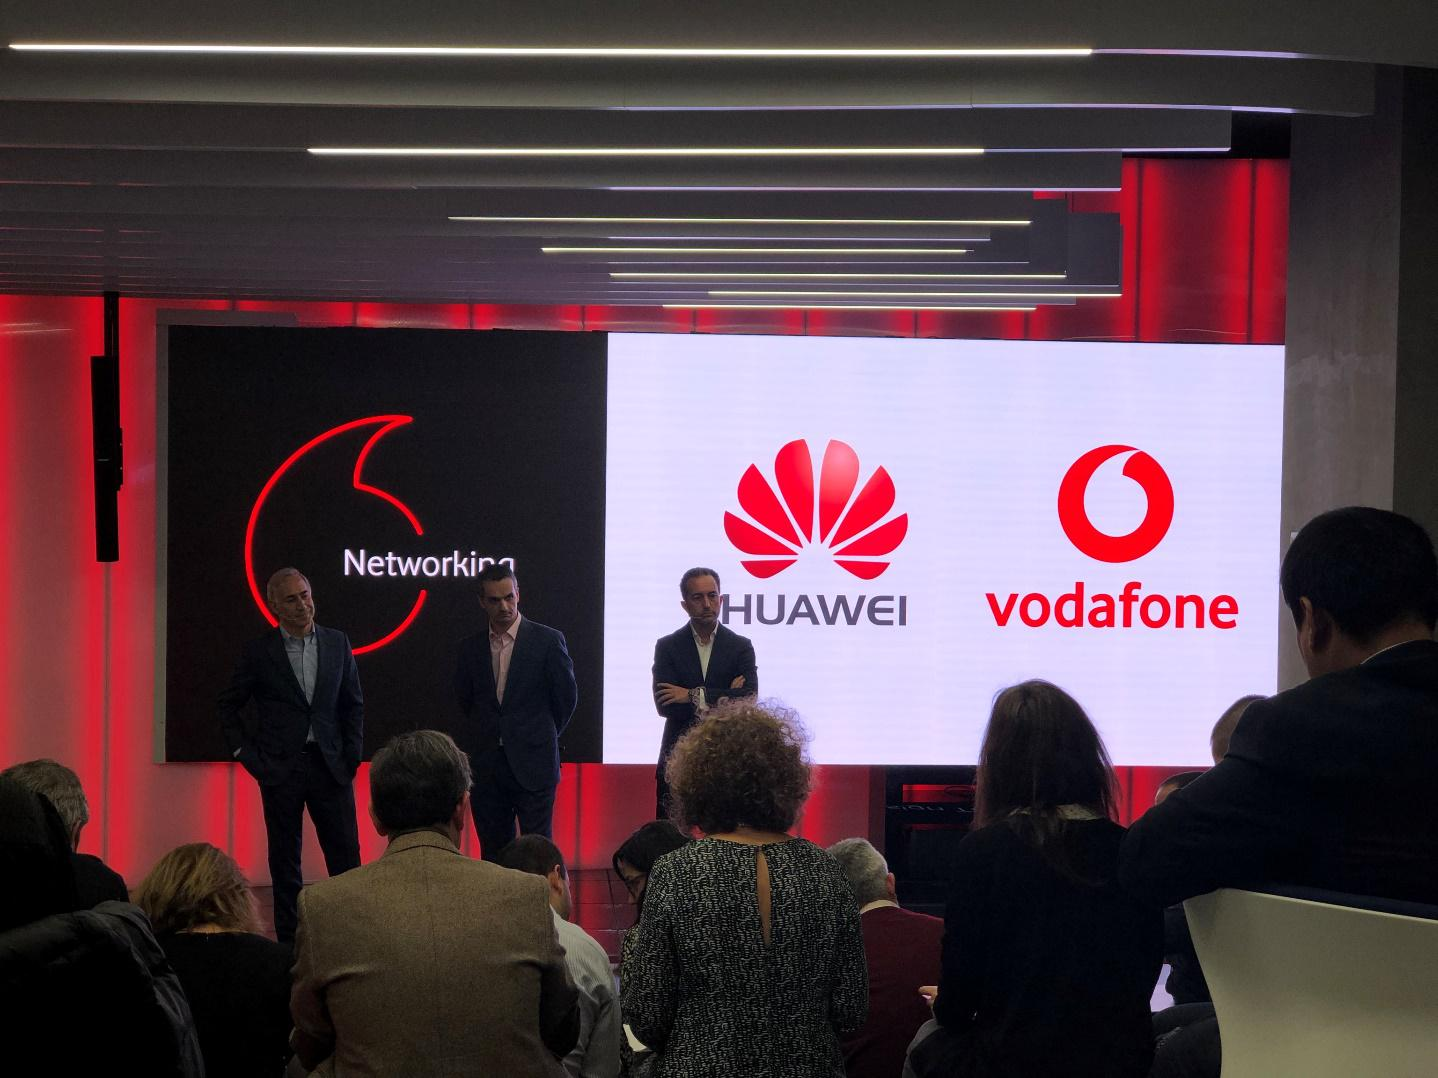 华为携手沃达丰完成基于3GPP标准5G商用系统的通话测试